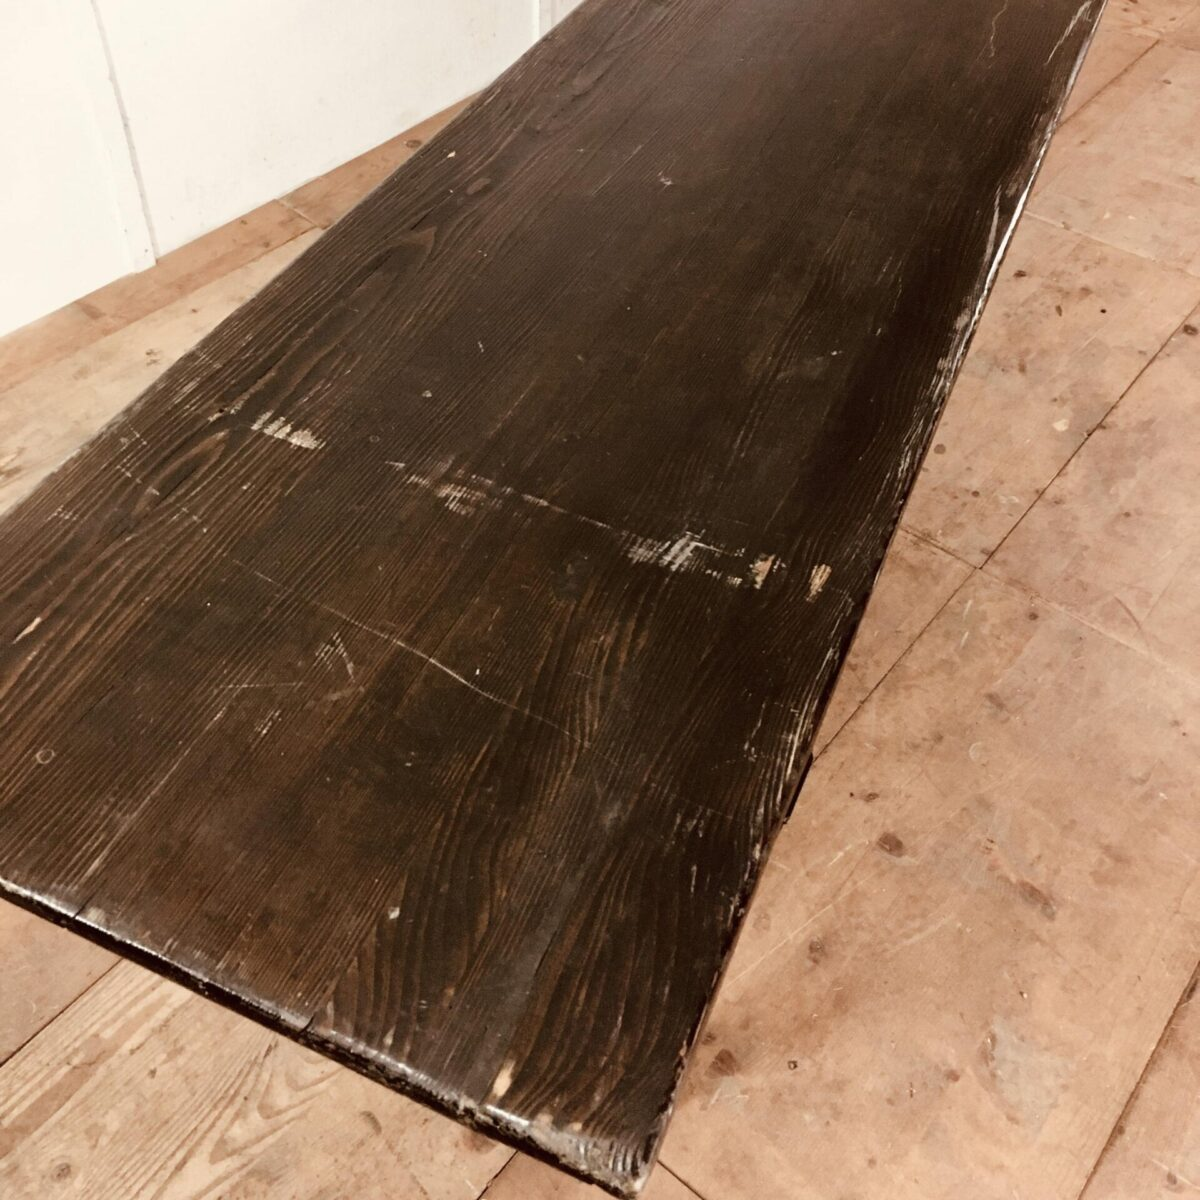 Alte Tannenholz Biergarten Tische 327cm mal 64cm höhe 77.5cm. Preis pro Tisch. Diese praktischen Klapptische bieten zusätzlich den Weinkeller Charme. Die rustikale dunkle Ausstrahlung, mit den Klapp Verstrebungen, würden auch gut in einem hellen puristischen Raum zur Geltung kommen.